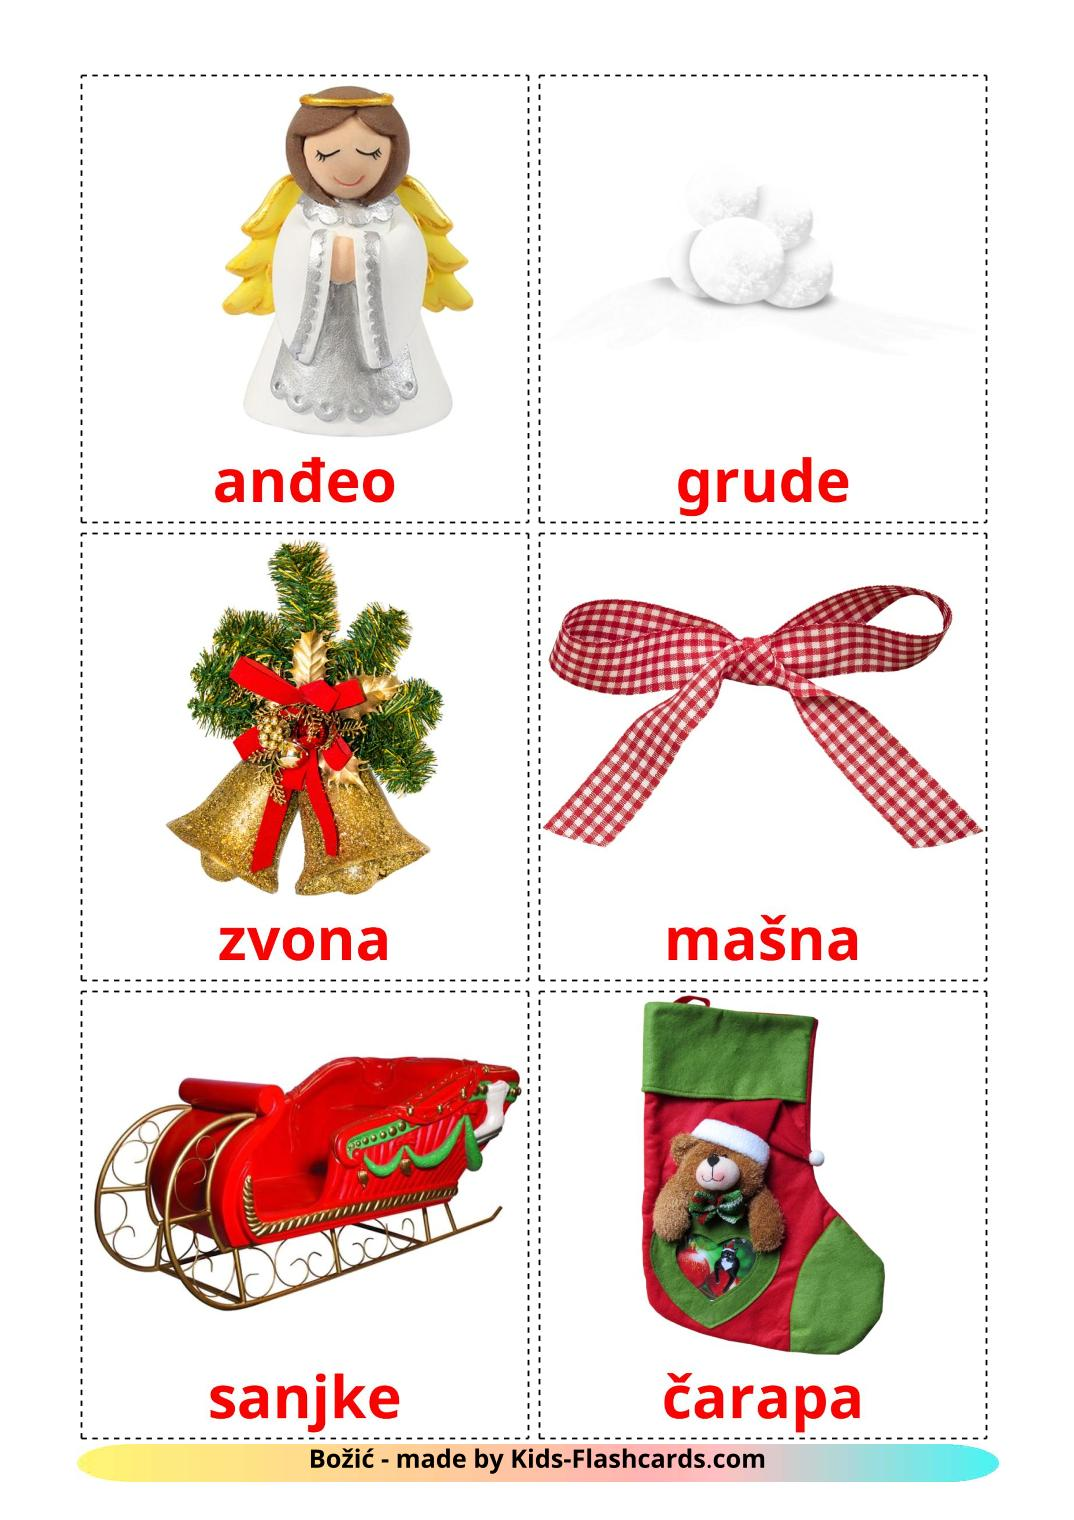 Christmas - 28 Free Printable croatian Flashcards